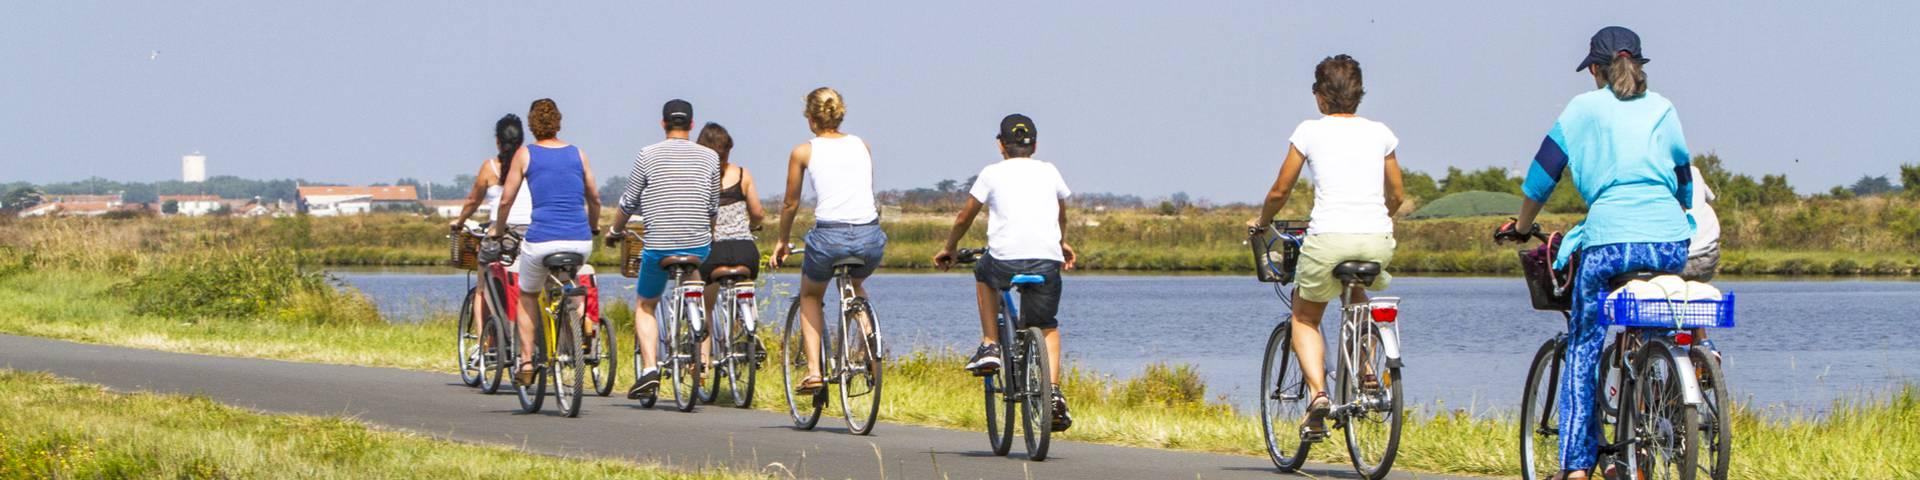 Balade à vélo dans les marais de l'Ile de Ré (c) François Blanchard